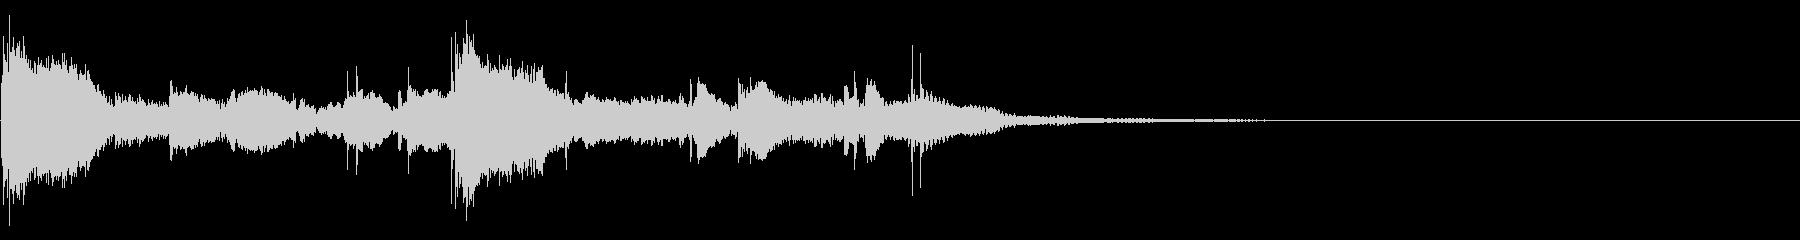 ガムランを使ったジングルSEの未再生の波形